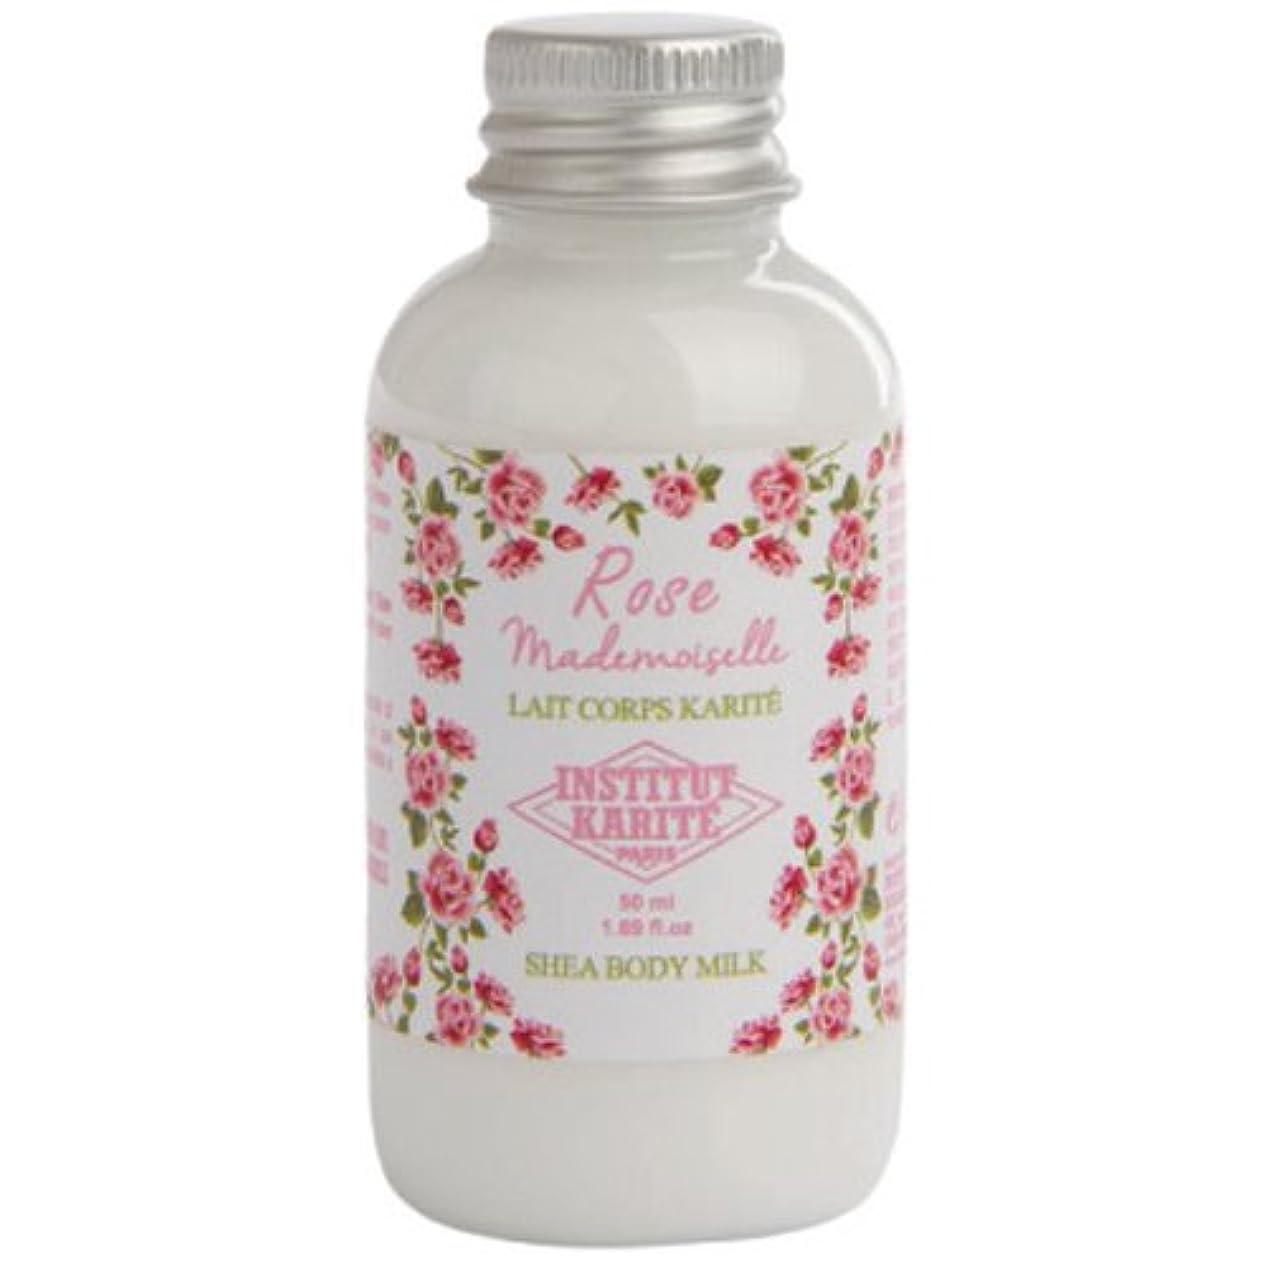 操る破壊革命INSTITUT KARITE カリテ Rose Mademoiselle クラシックローズ Travel Shea Body Milk 50ml